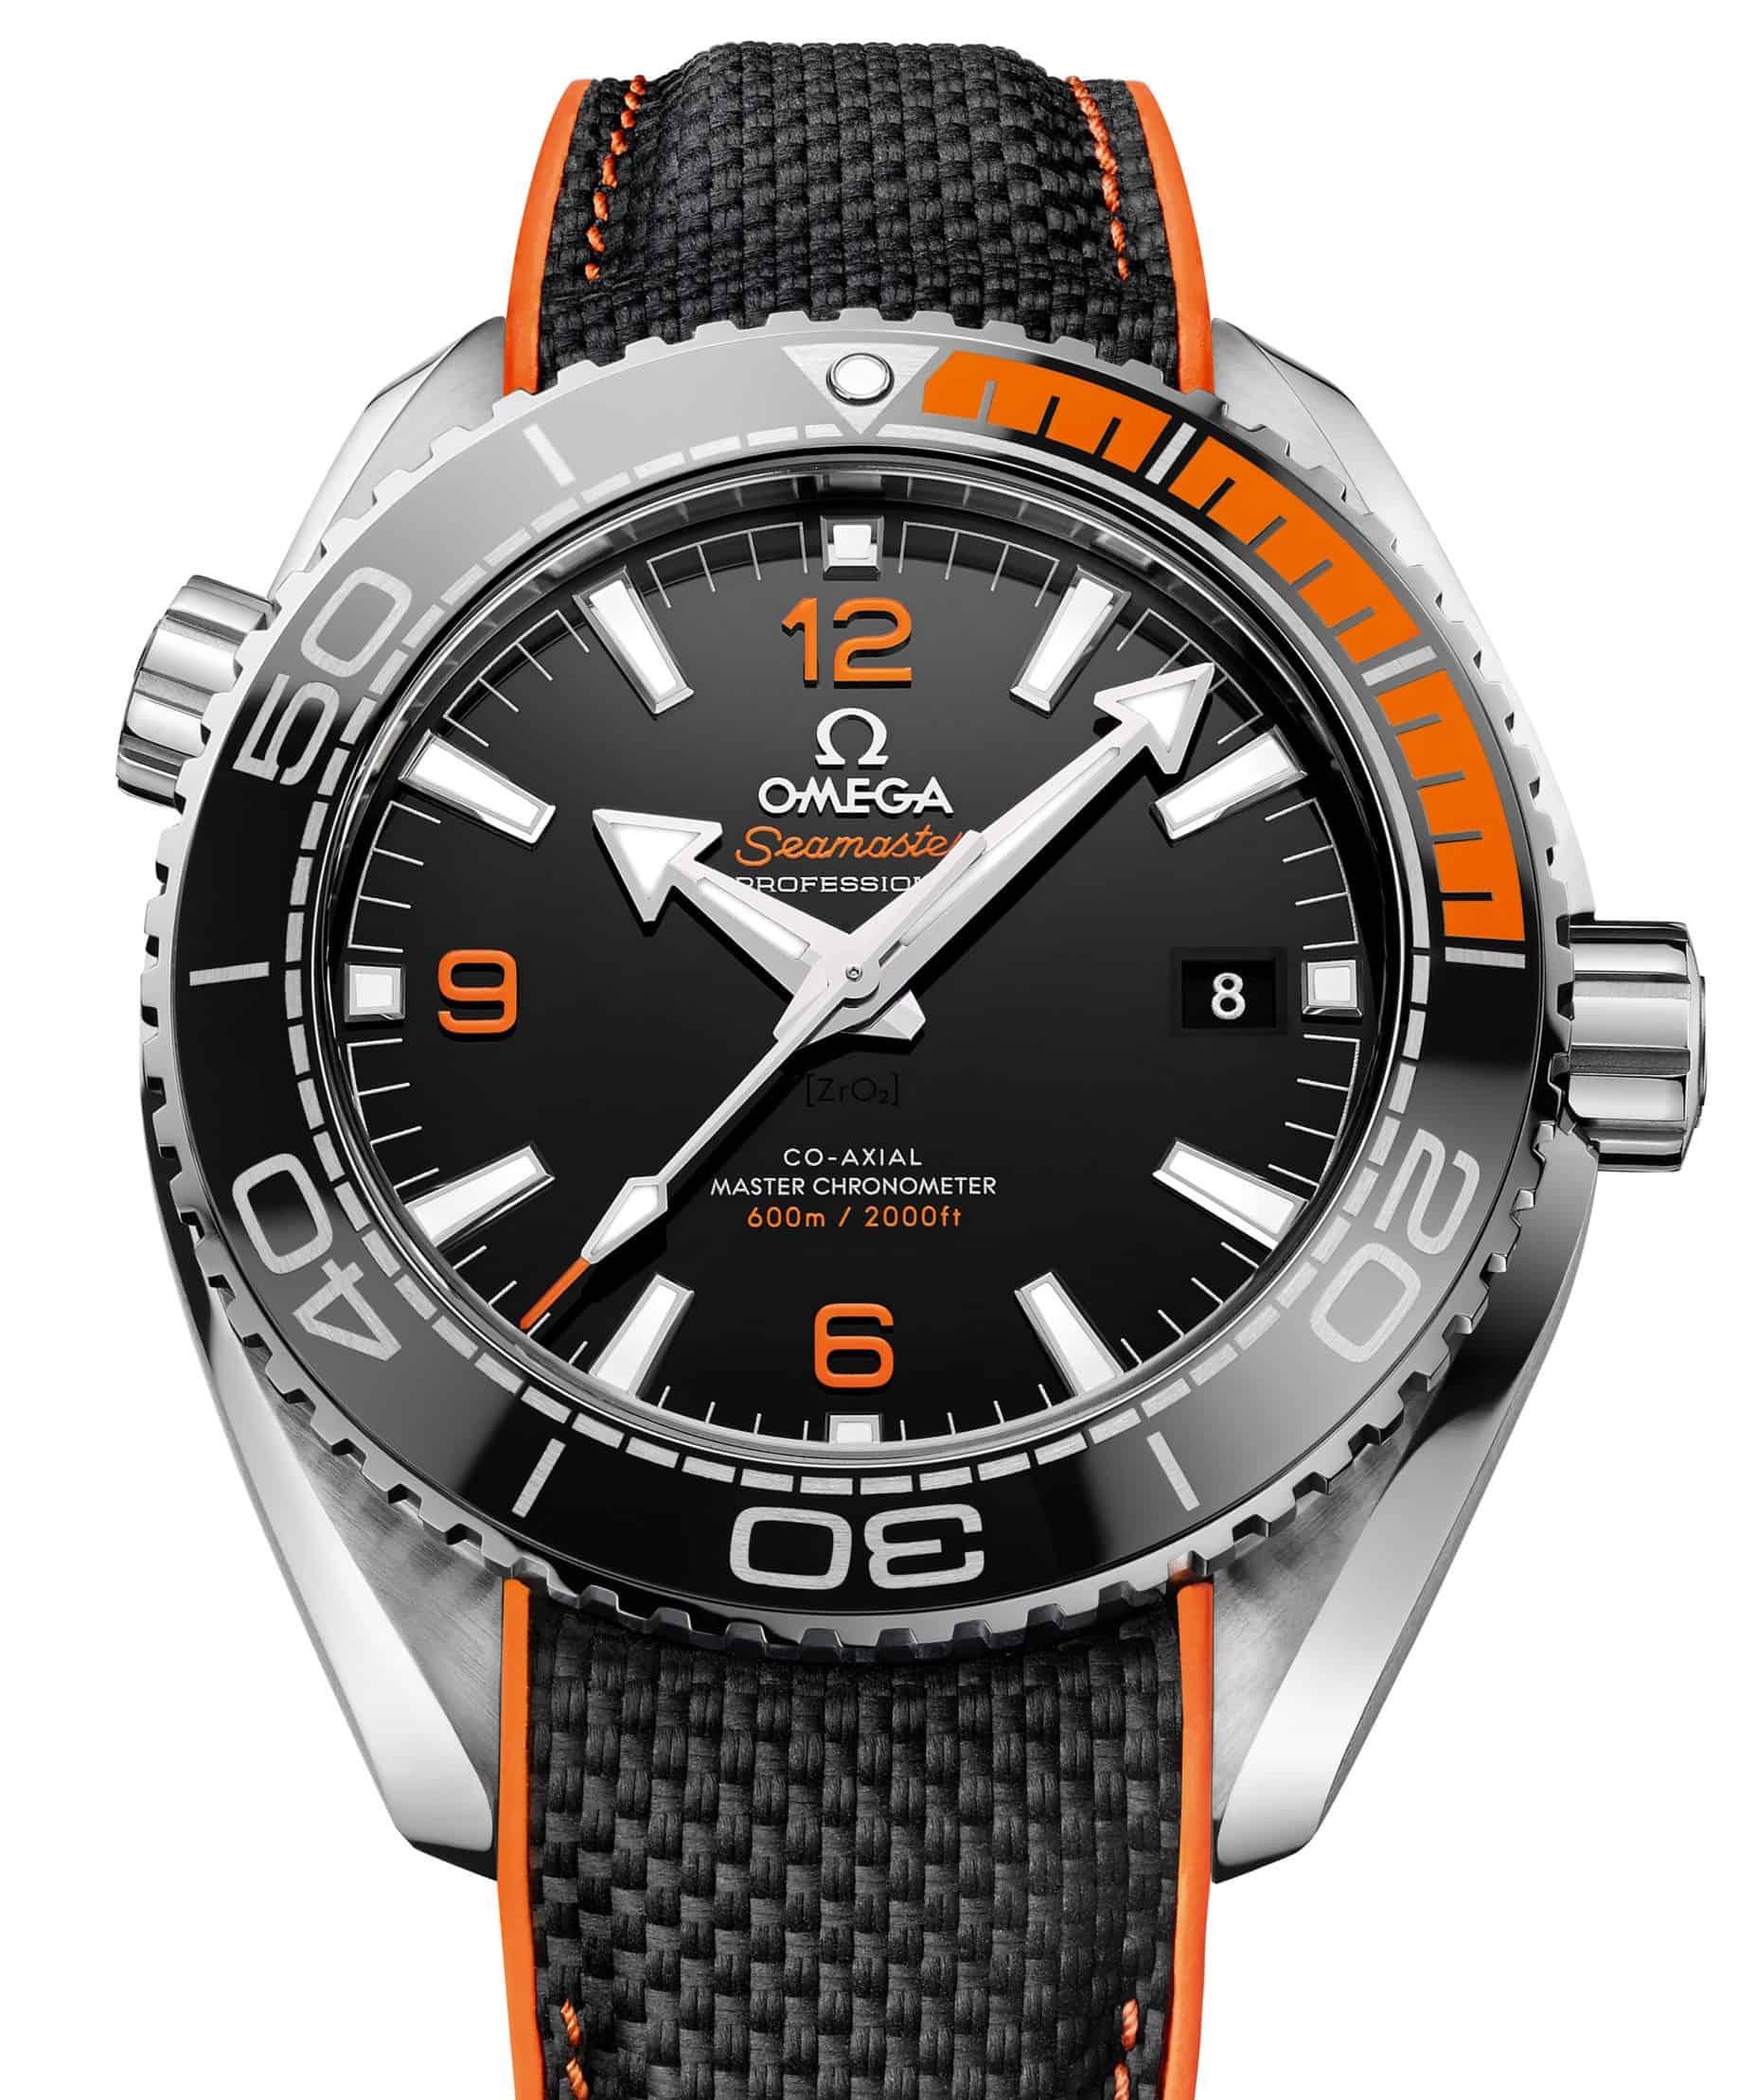 Eine veritable Taucheruhr von hoher technischer Qualität - Omega Seamaster Planet Ocean